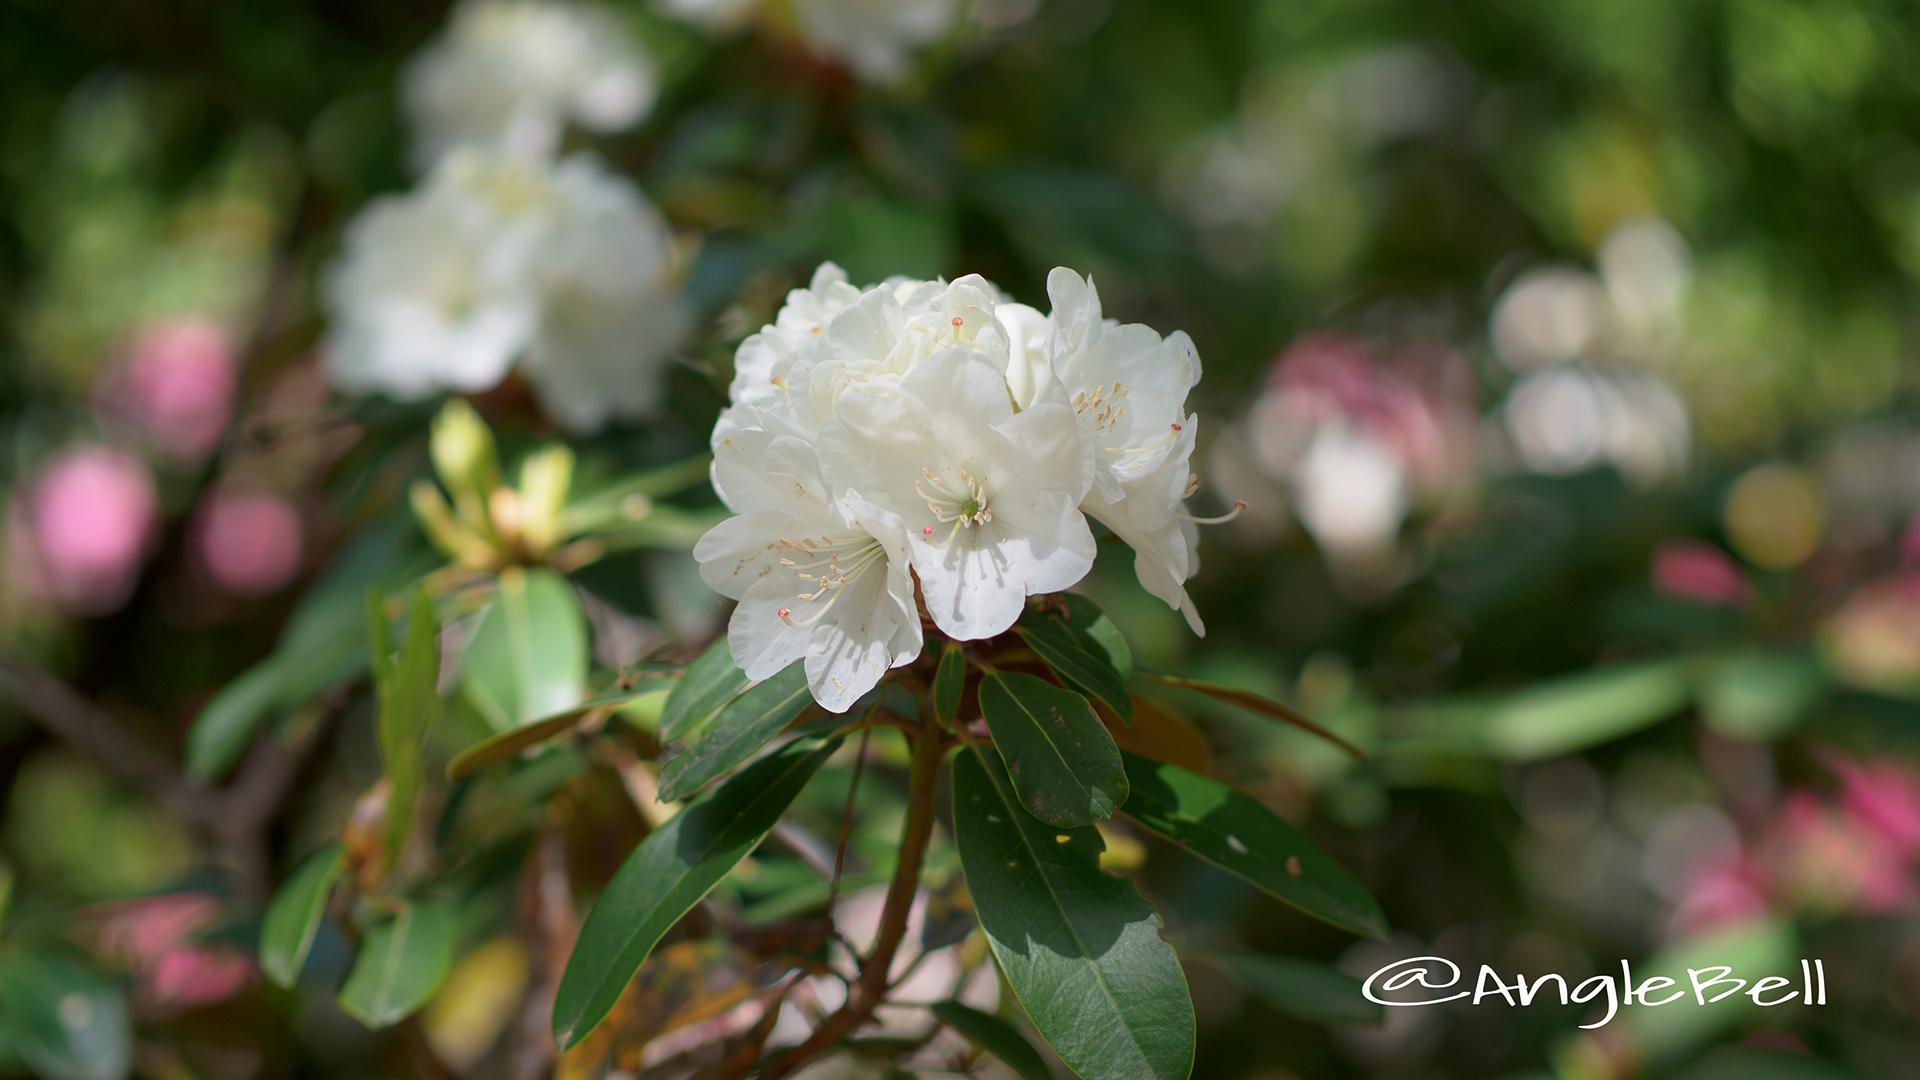 ハツユキ 初雪 (石楠花) Flower Photo2